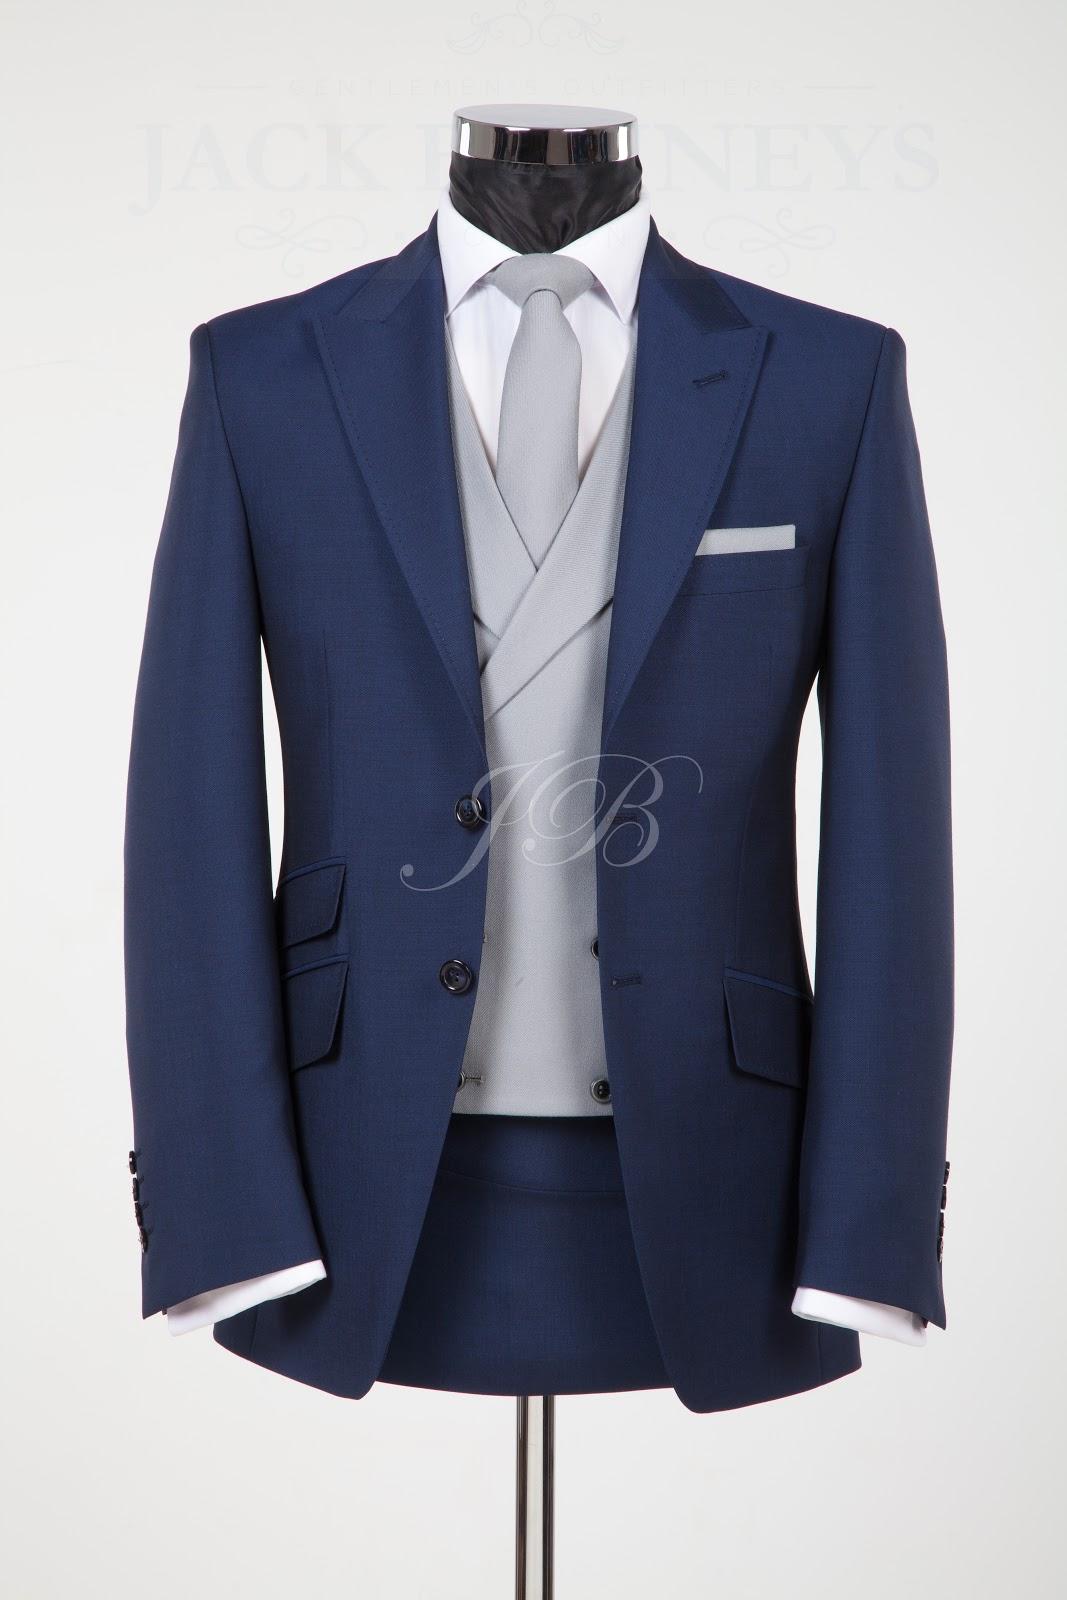 Vintage blue wedding suit blue wedding suit to hire blue lounge suit